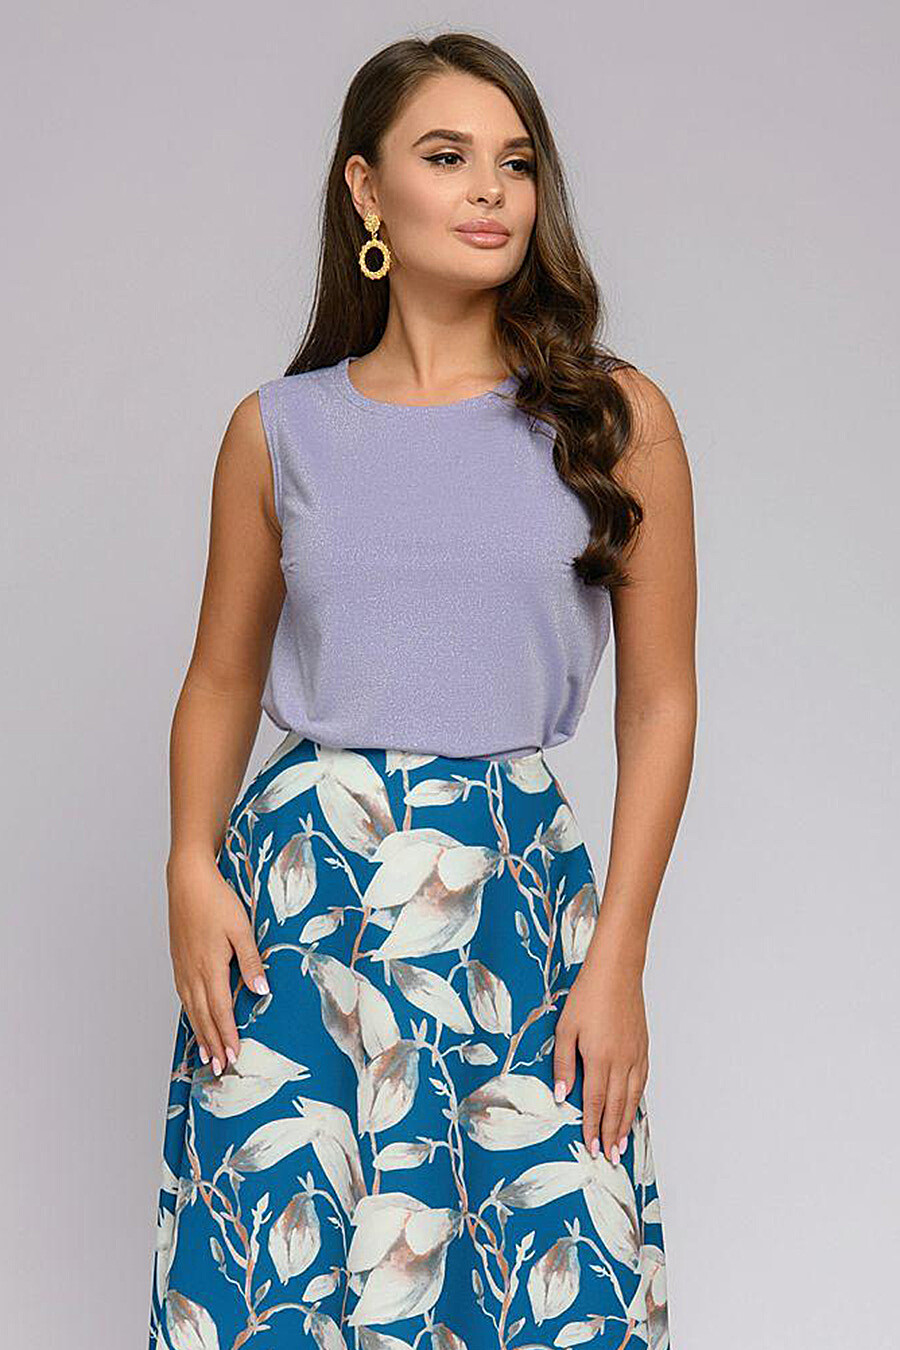 Топ для женщин 1001 DRESS 147260 купить оптом от производителя. Совместная покупка женской одежды в OptMoyo